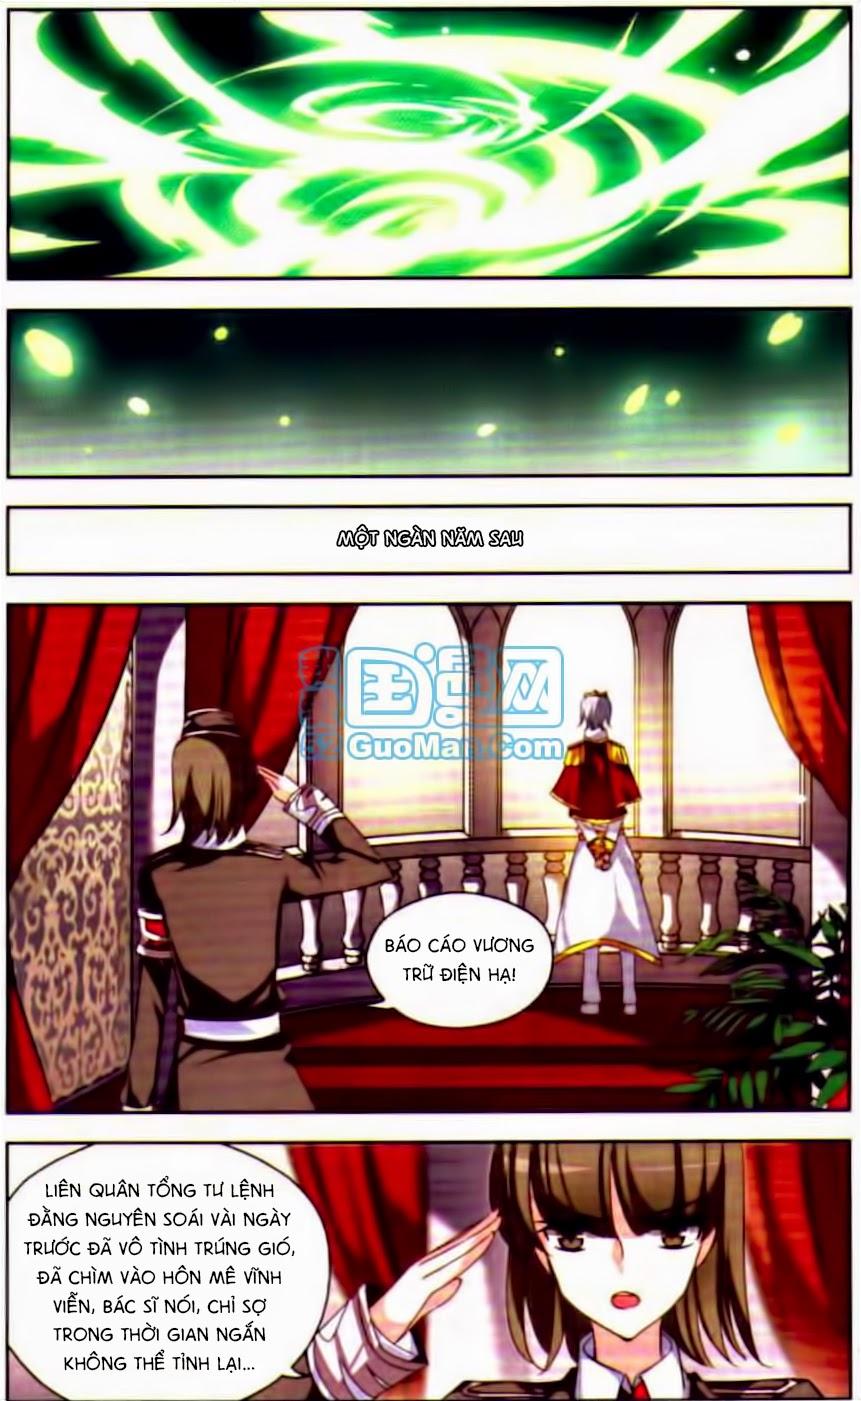 a3manga.com xuyen duyet tay nguyen 3000 chap 71